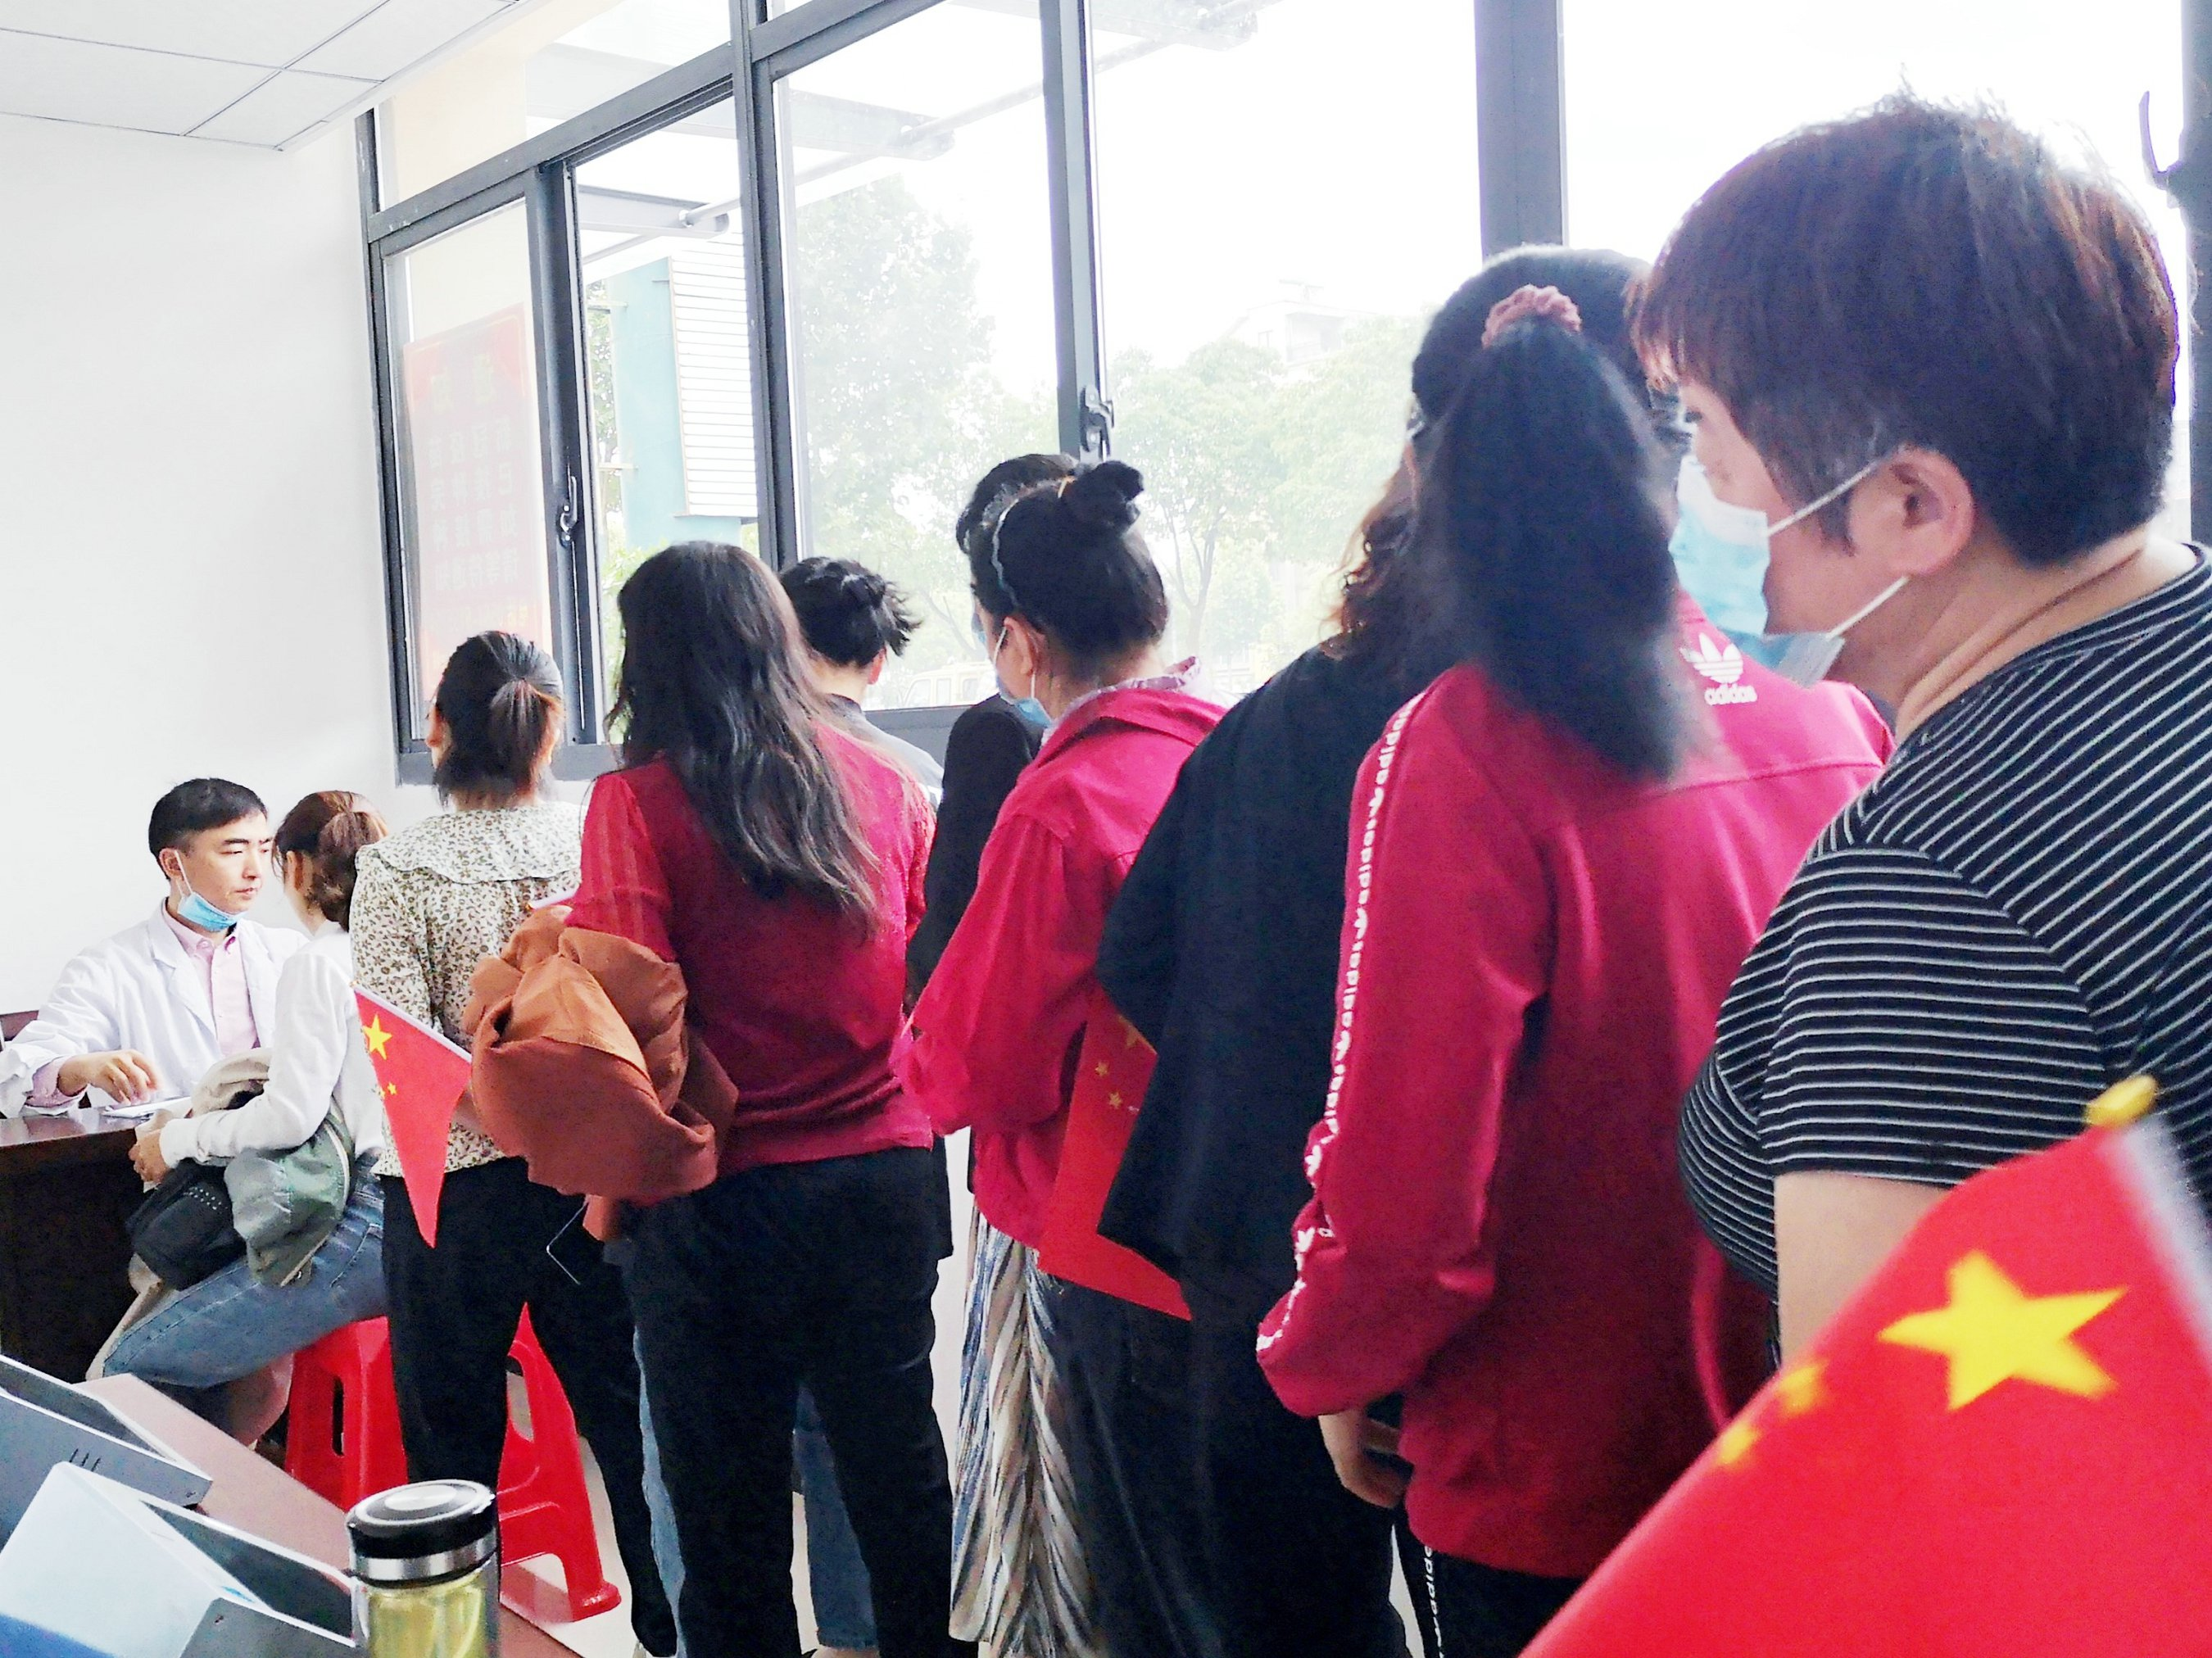 校企联动,助力疫情——安徽工程大学学生参与疫苗接种工作